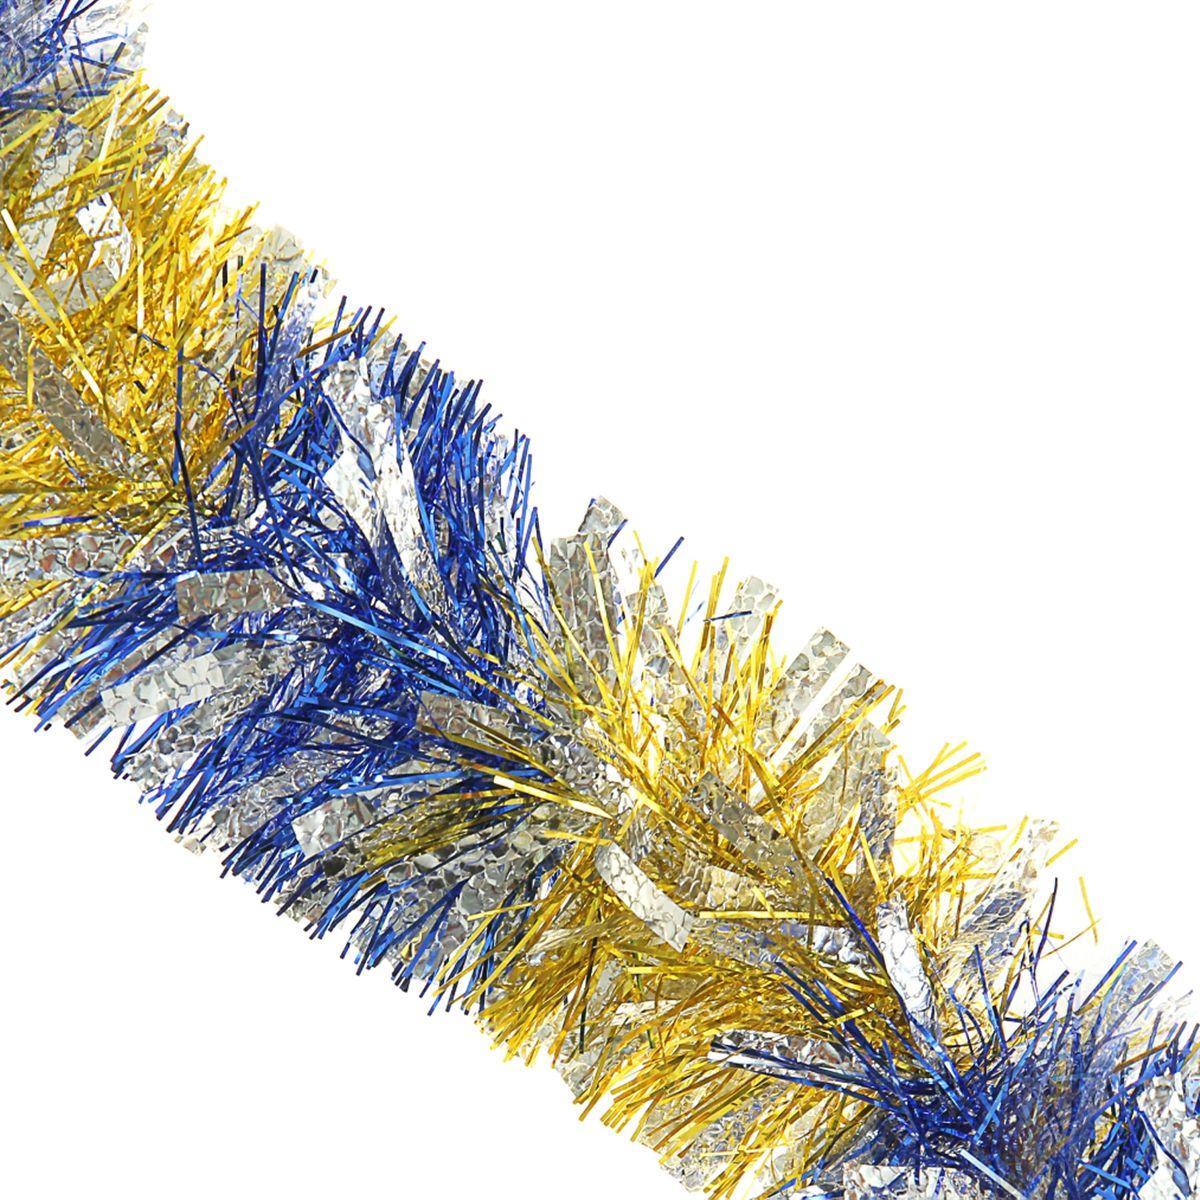 Мишура новогодняя Sima-land, цвет: золотистый, синий, серебристый,диаметр 9 см, длина 200 см. 452424452424_золотистый, синий, серебристыйНовогодняя мишура Sima-land, выполненная из ПВХ, поможет вам украсить свой дом к предстоящим праздникам. Новогодняя елка с таким украшением станет еще наряднее. Новогодней мишурой можно украсить все, что угодно - елку, квартиру, дачу, офис - как внутри, так и снаружи. Можно сложить новогодние поздравления, буквы и цифры, мишурой можно украсить и дополнить гирлянды, можно выделить дверные колонны, оплести дверные проемы.